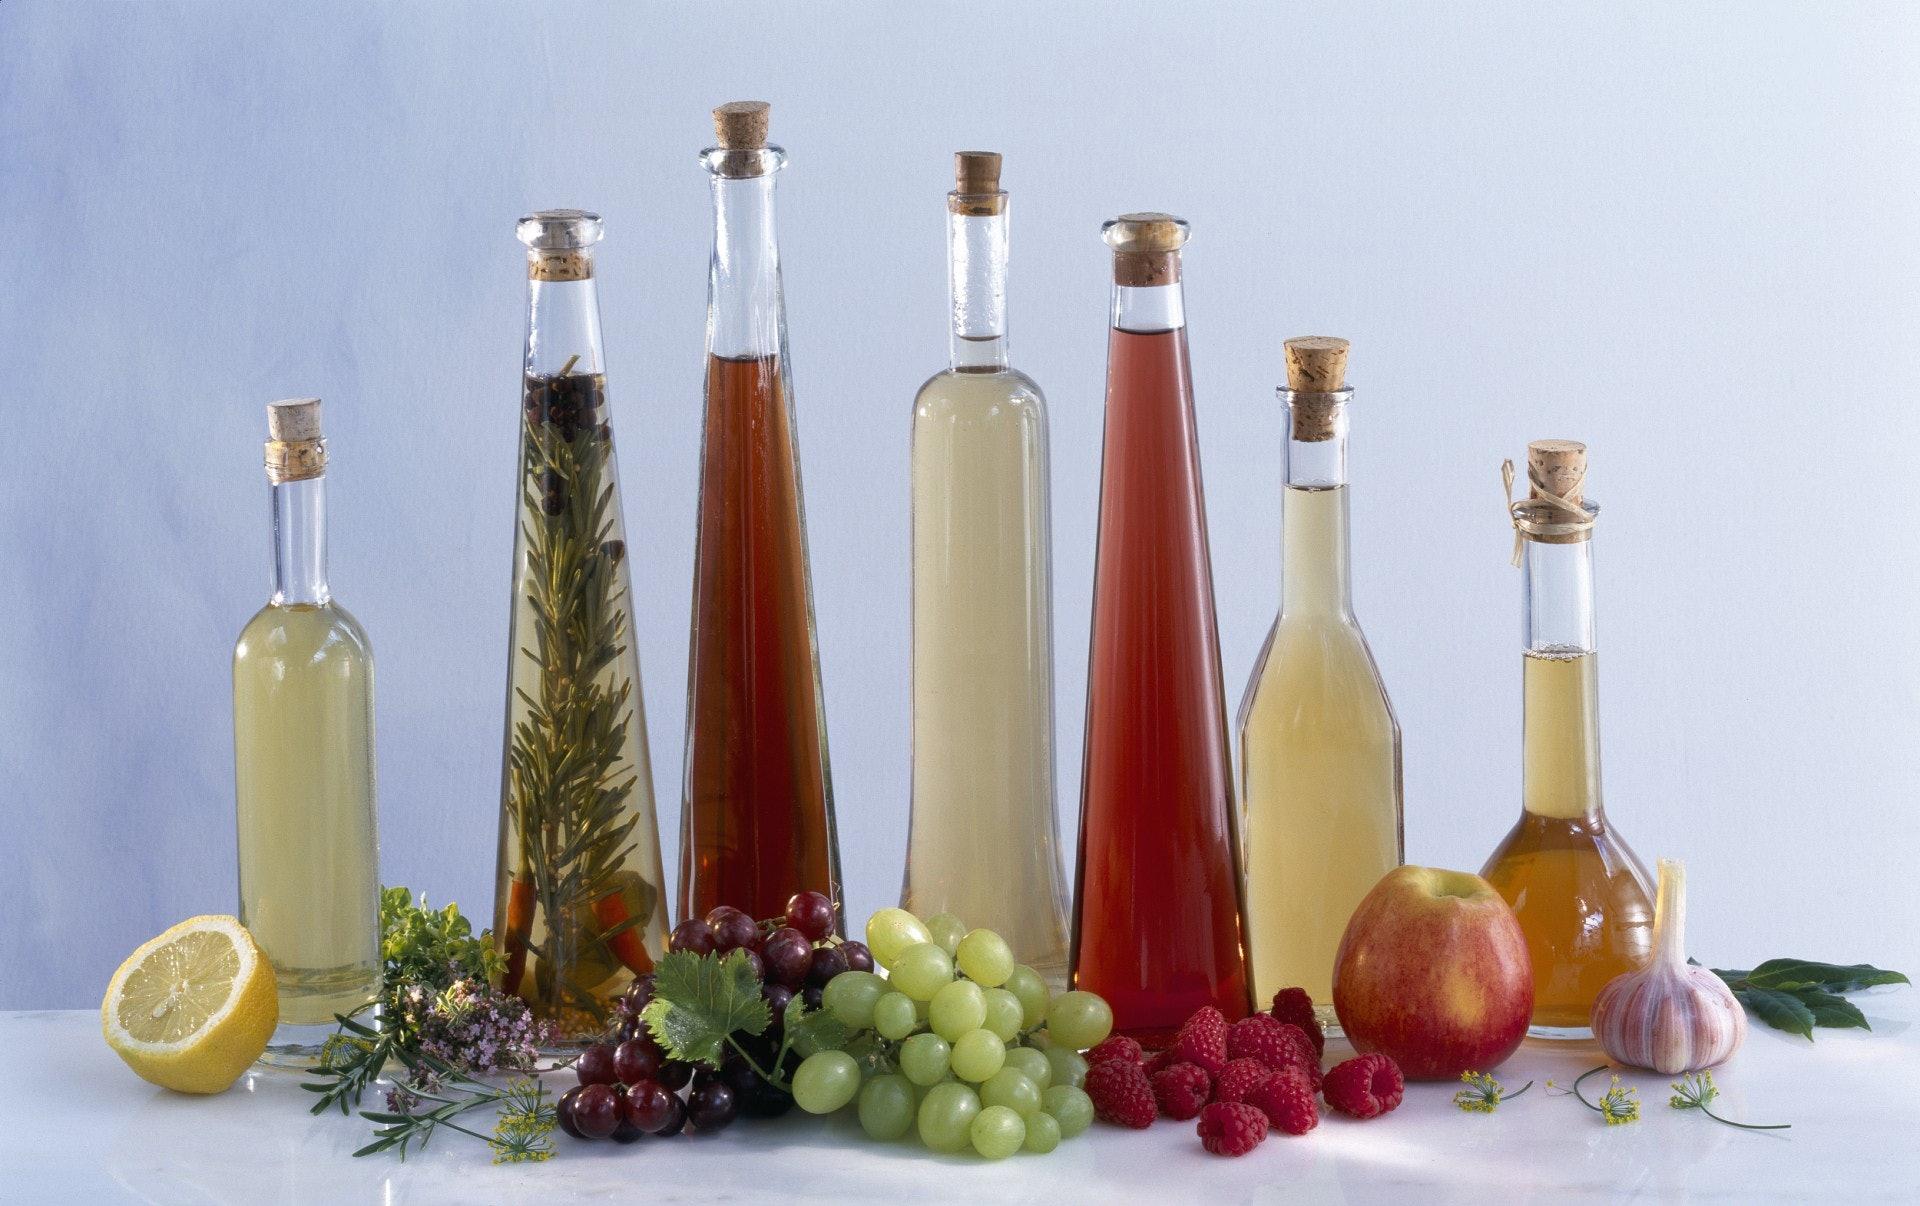 市面上愈來愈多果醋產品,大部分都有健康功效,但飲用時都有要注意的地方。(視覺中國)